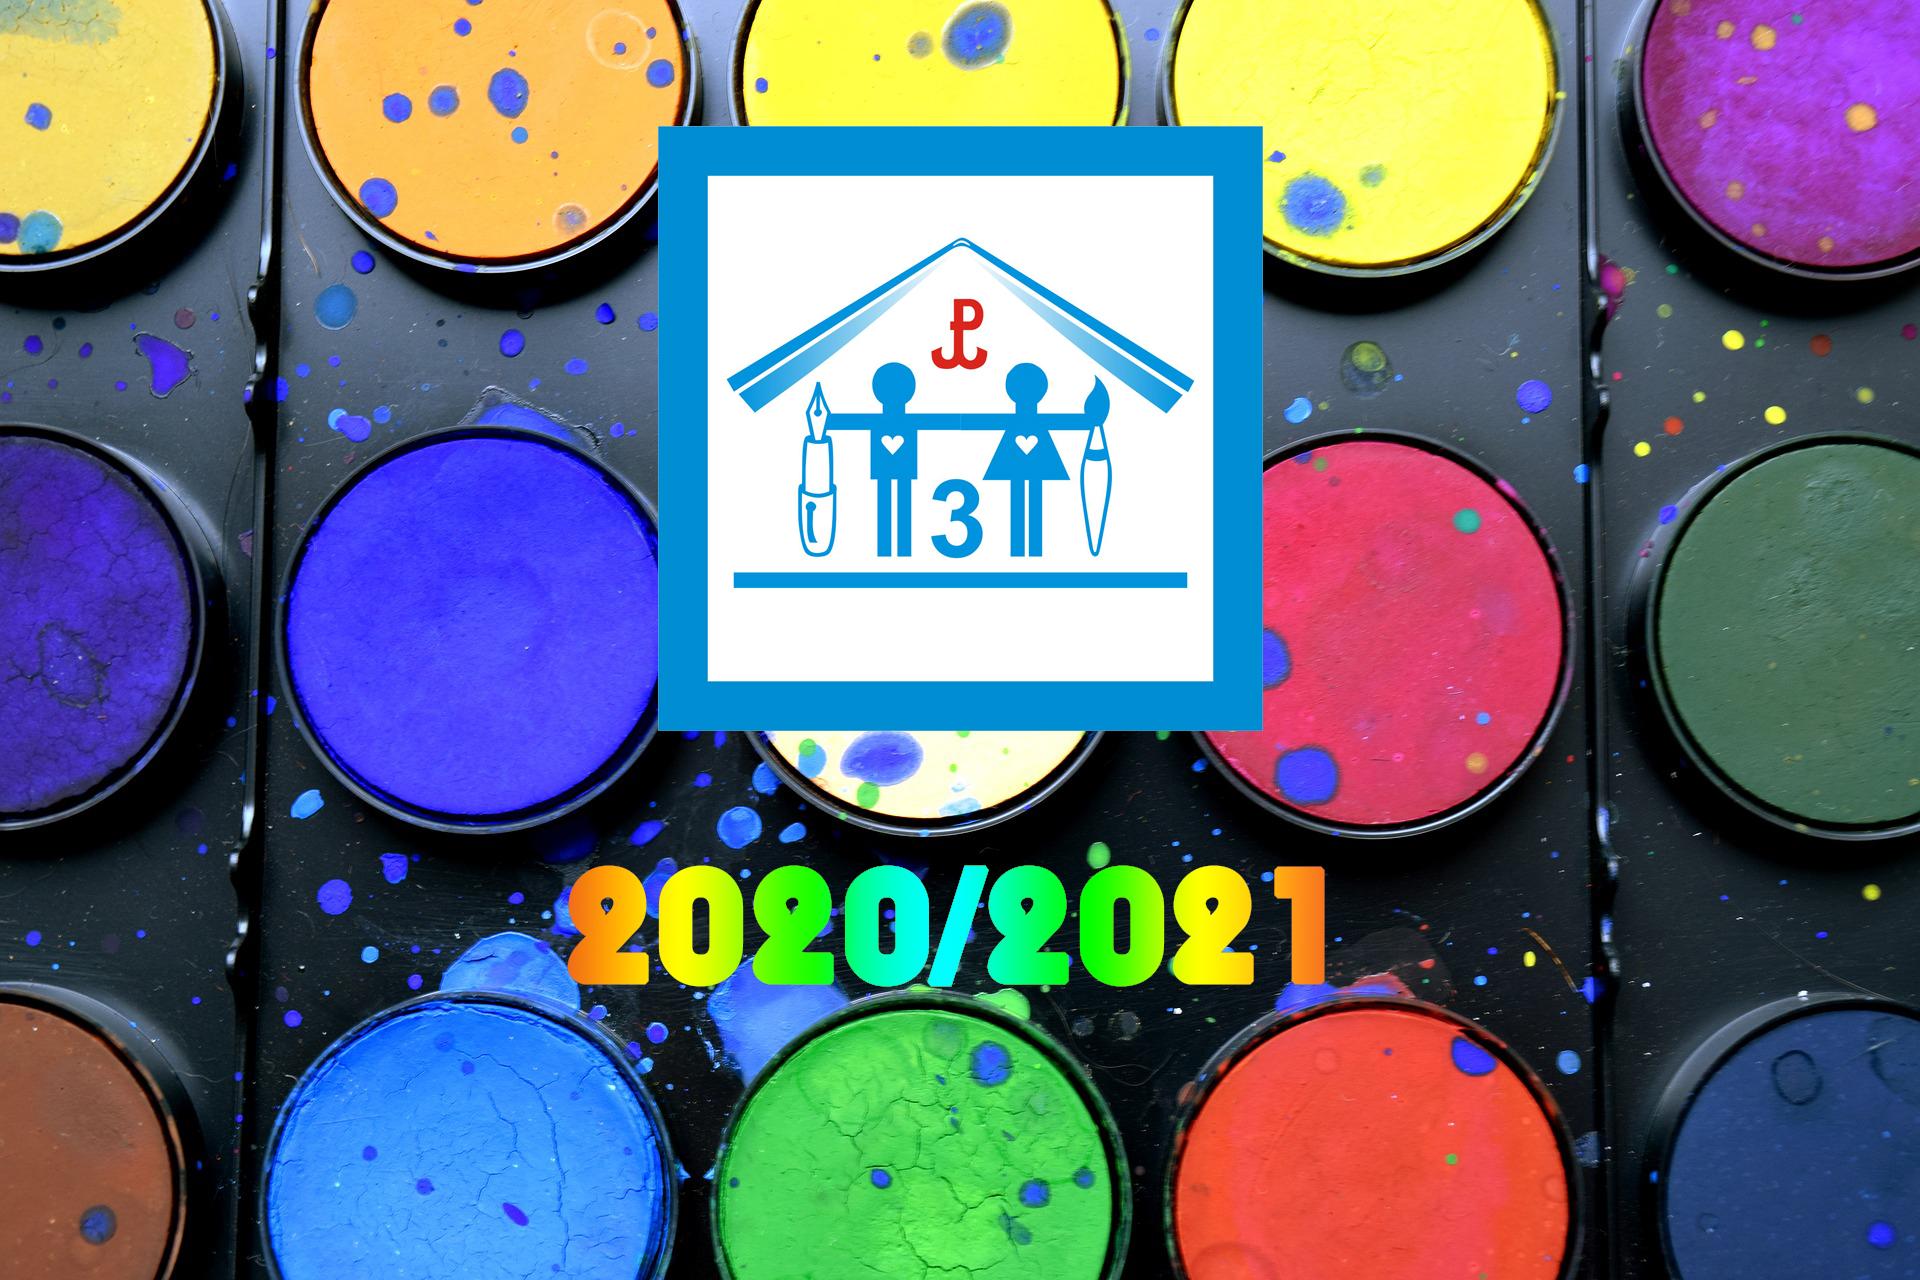 Konkursy artystyczne 2020/2021 r. – najważniejsze osiągnięcia.